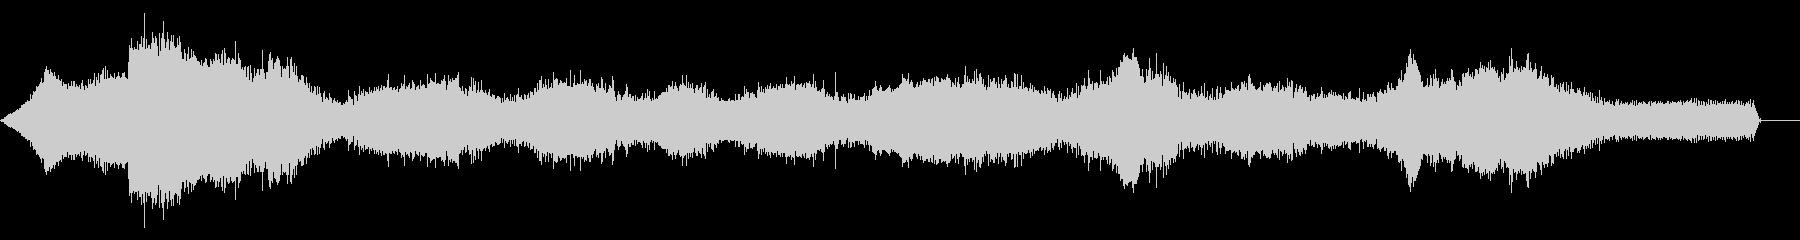 ジープワゴニア:オンボードアグレッ...の未再生の波形